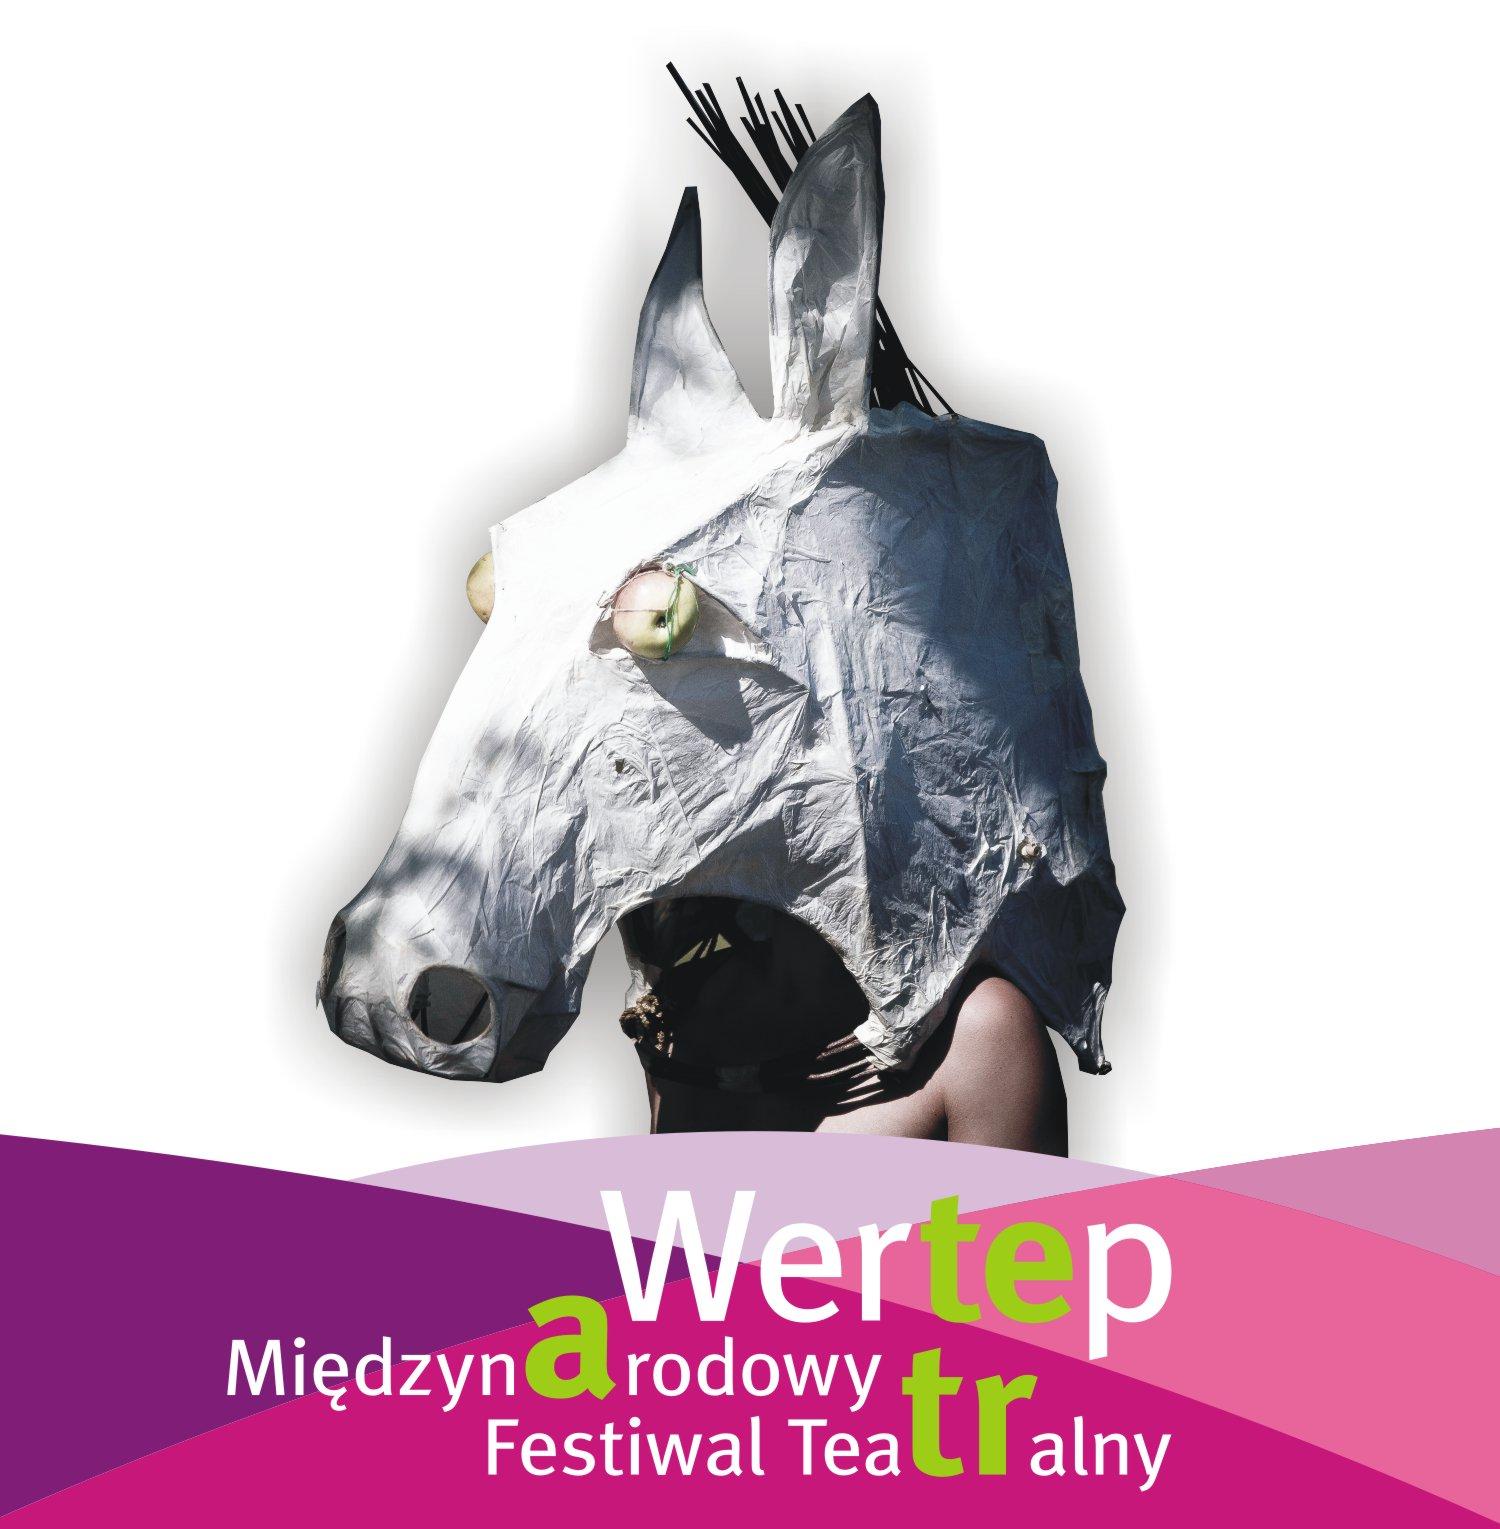 logo-wertep